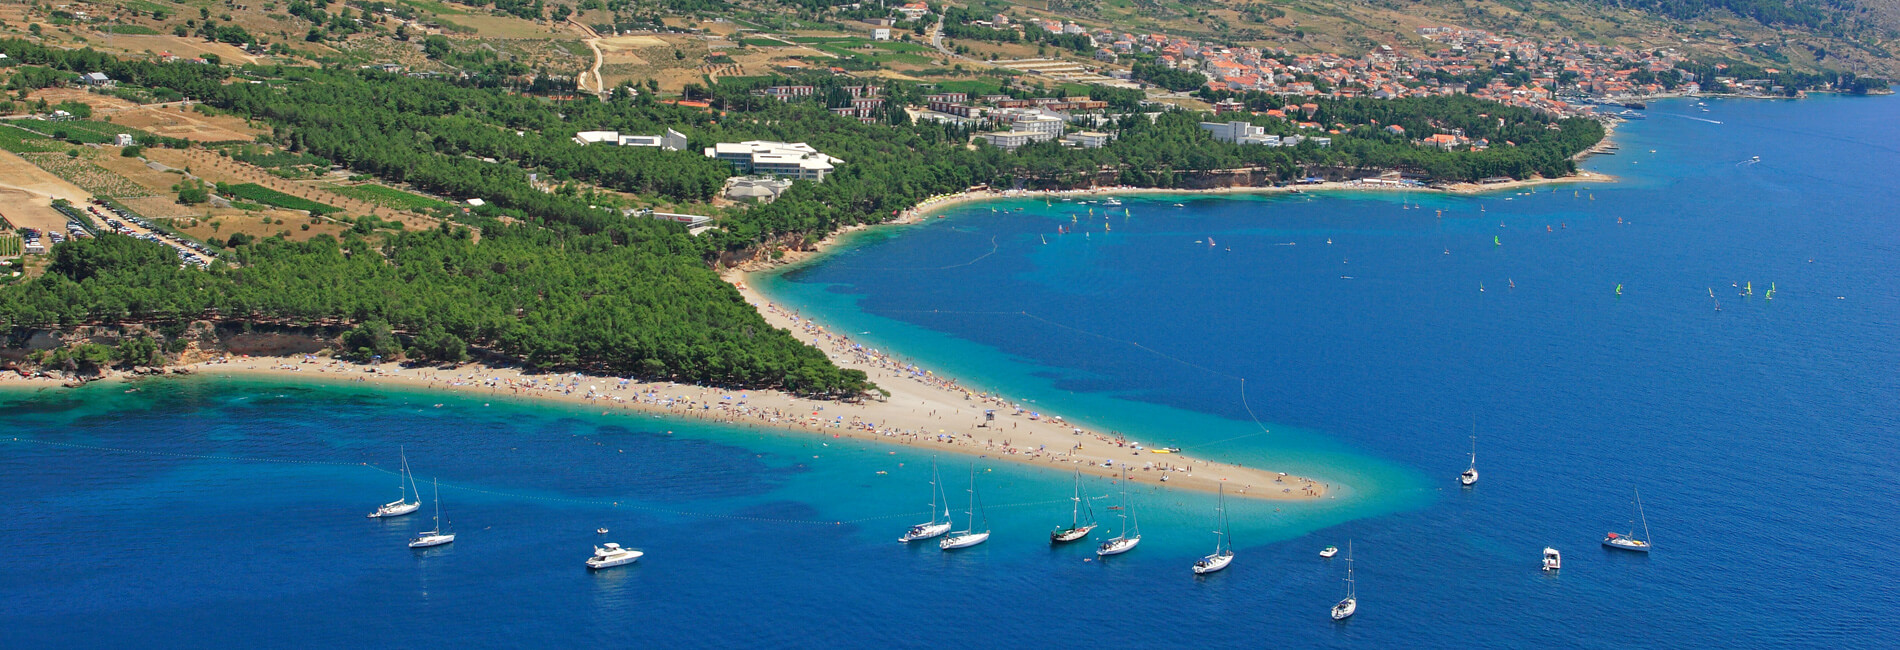 Dalmatia, Split | Adria Camps